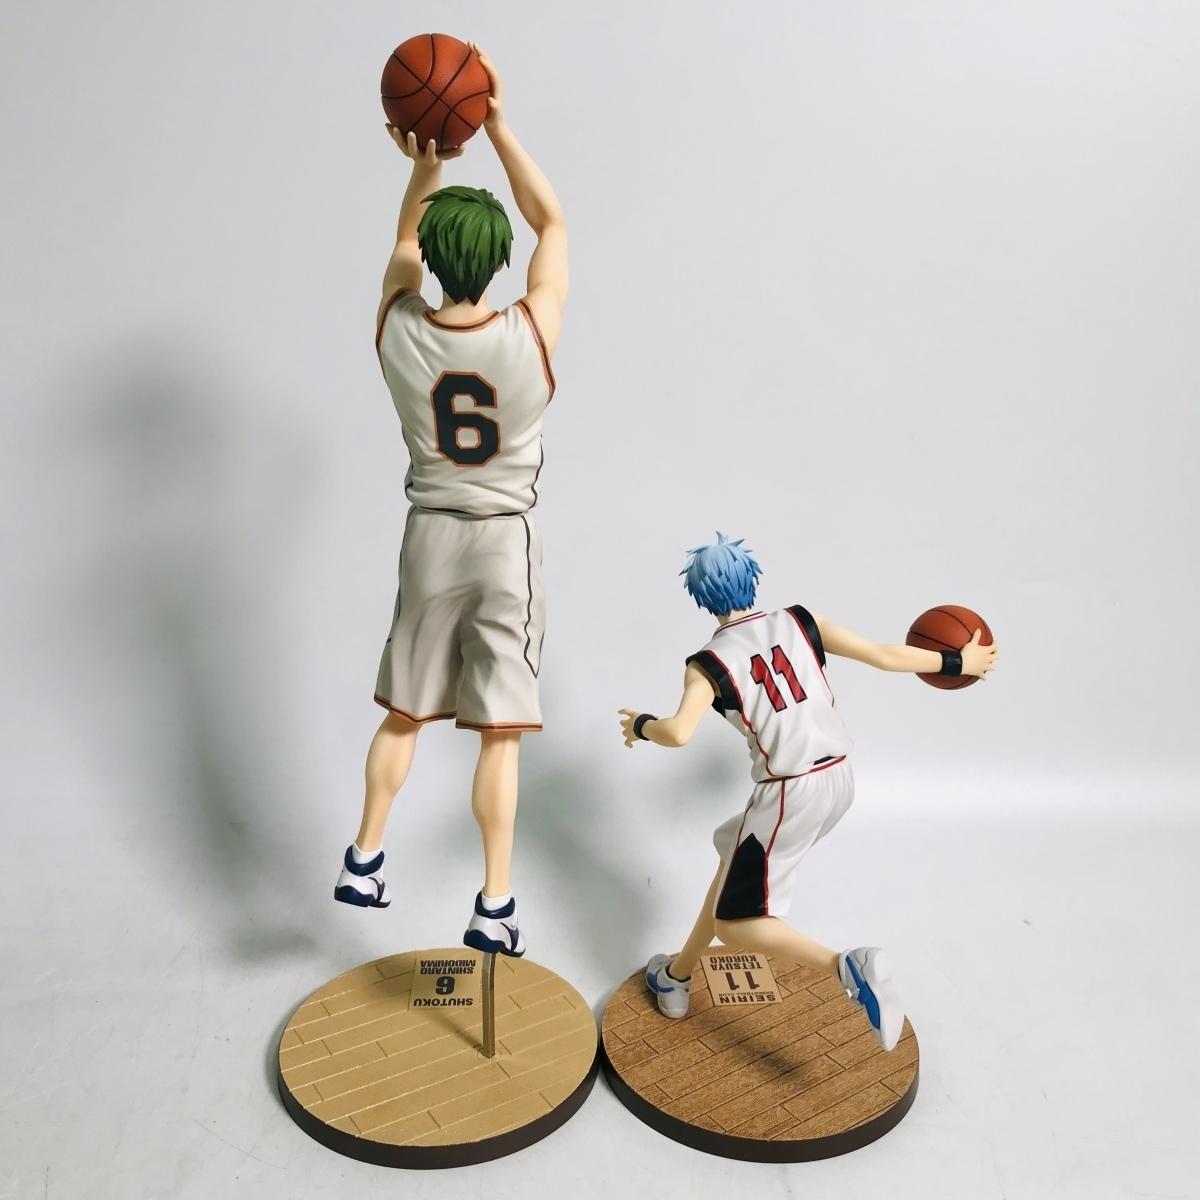 中古品 メガハウス 黒子のバスケ フィギュアシリーズ 黒子テツヤ 緑間真太郎 セット_画像4